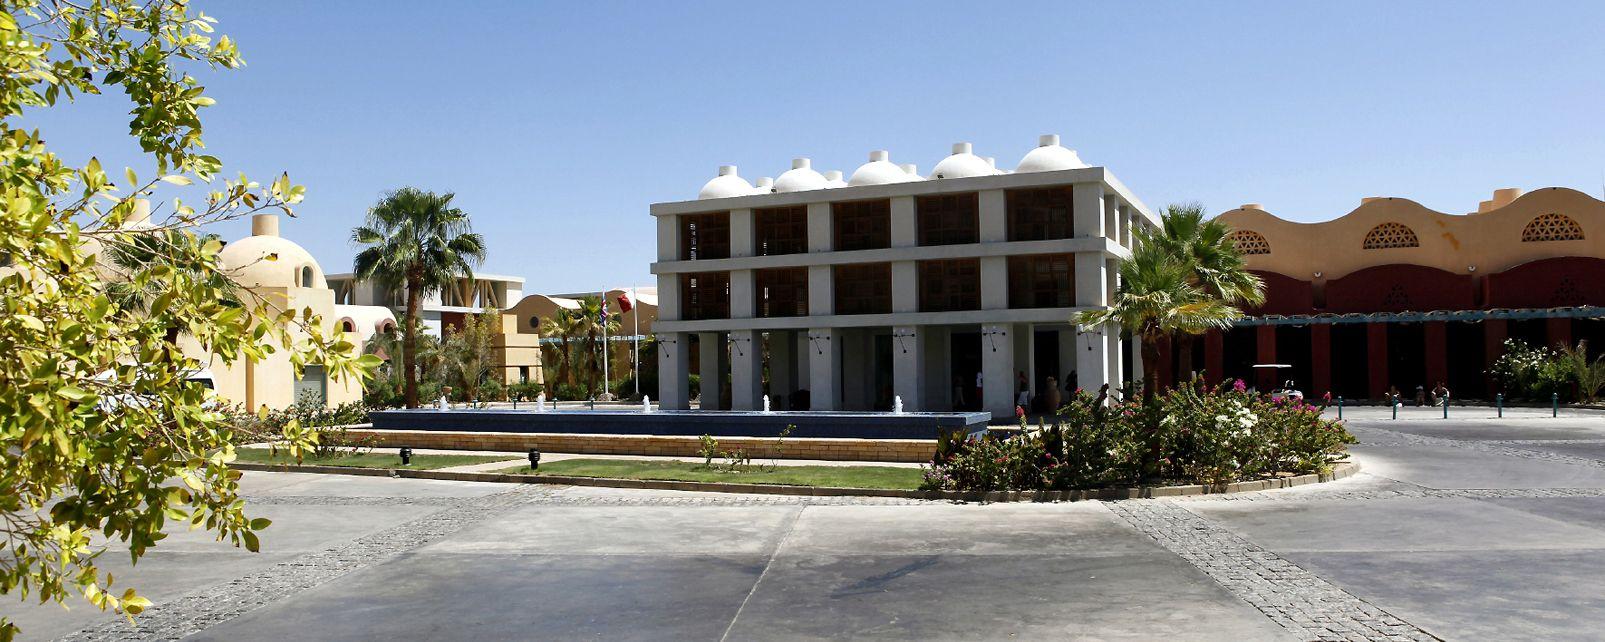 Hôtel Hyatt Regency Taba Heights